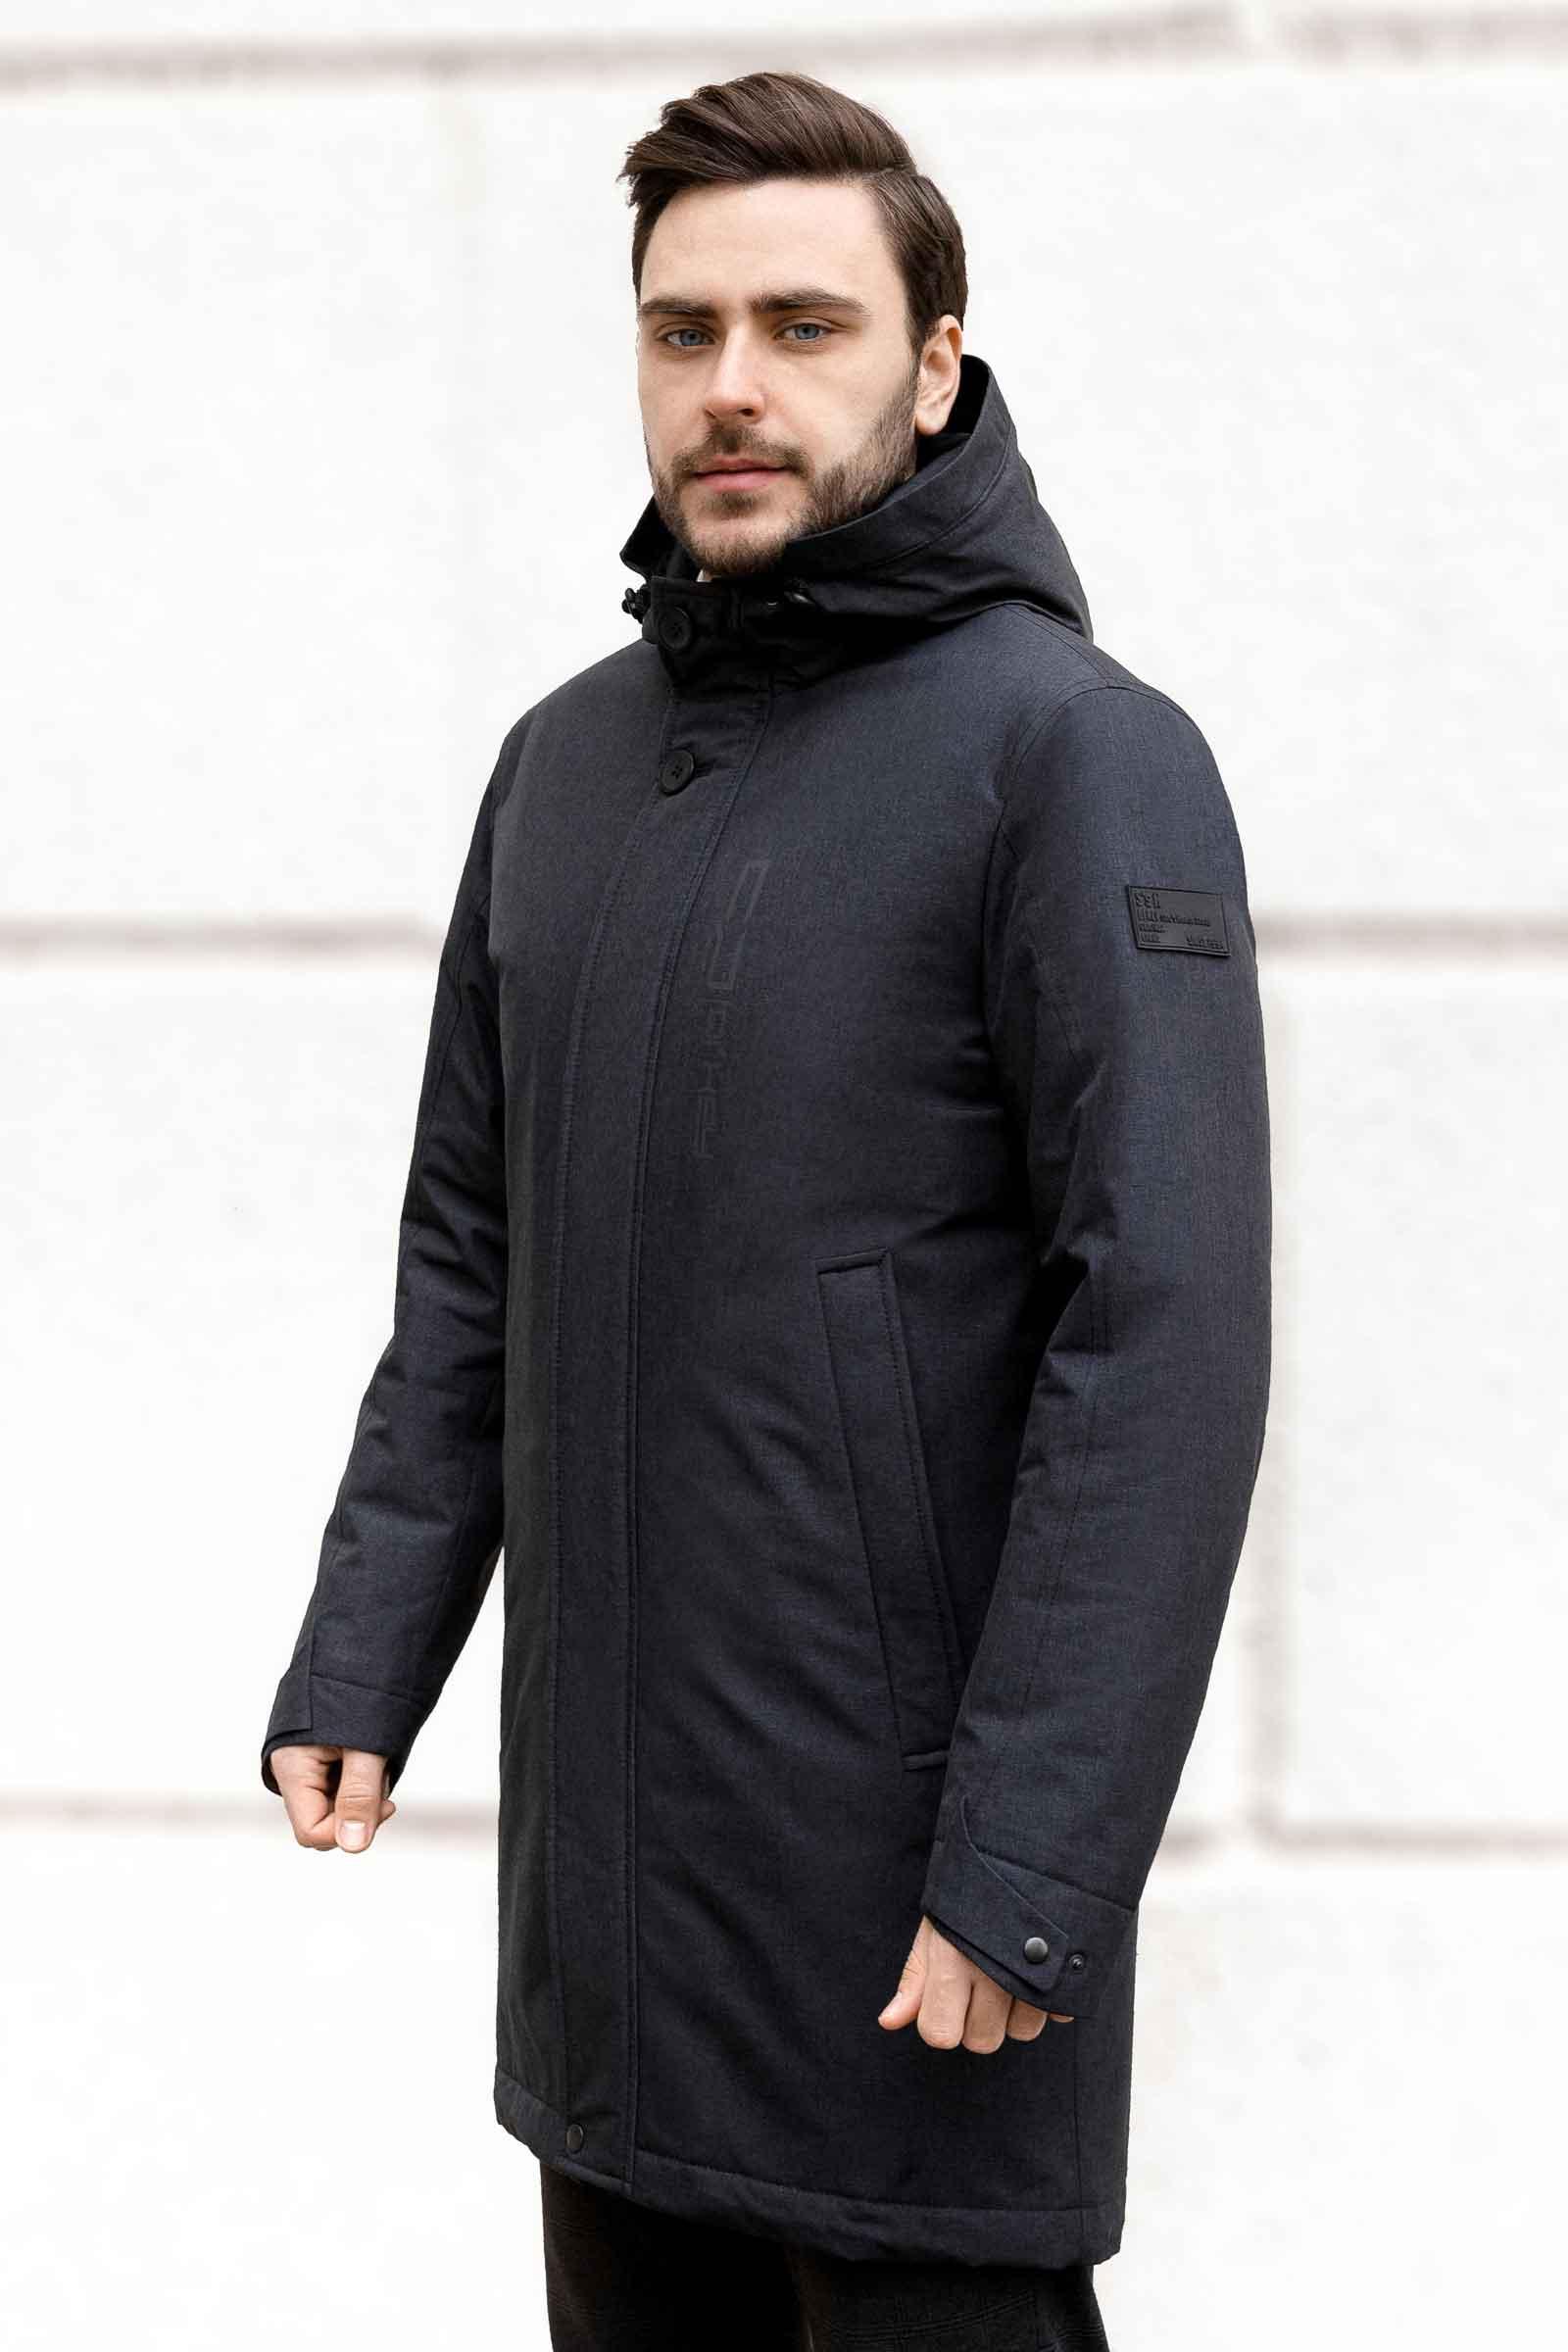 Осенняя мужская куртка Харьков - фото